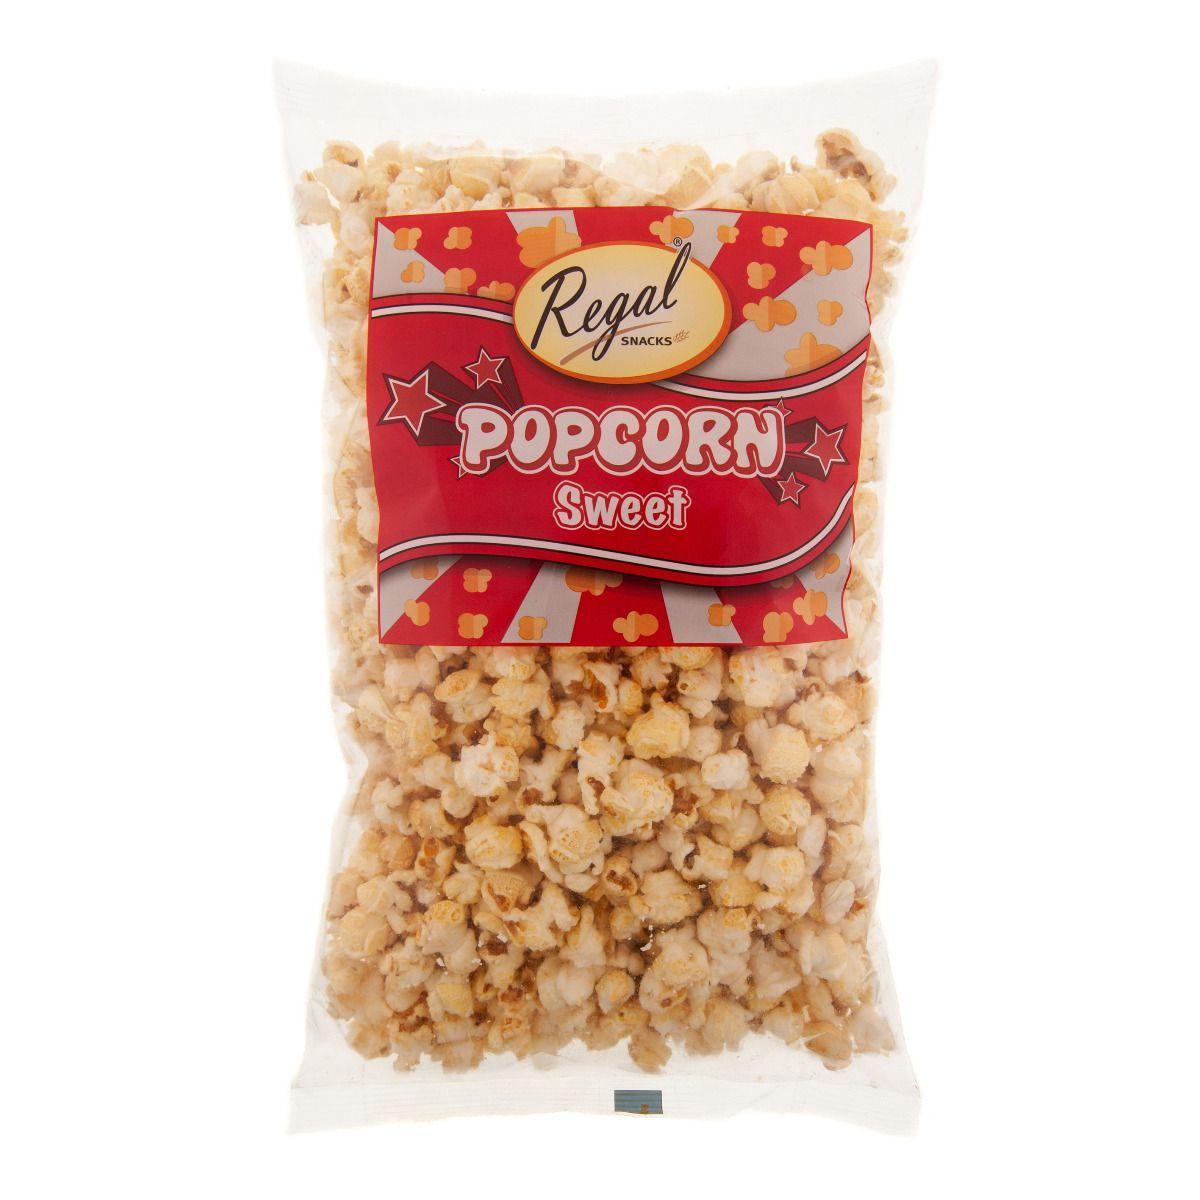 sweet popcorn from Regal